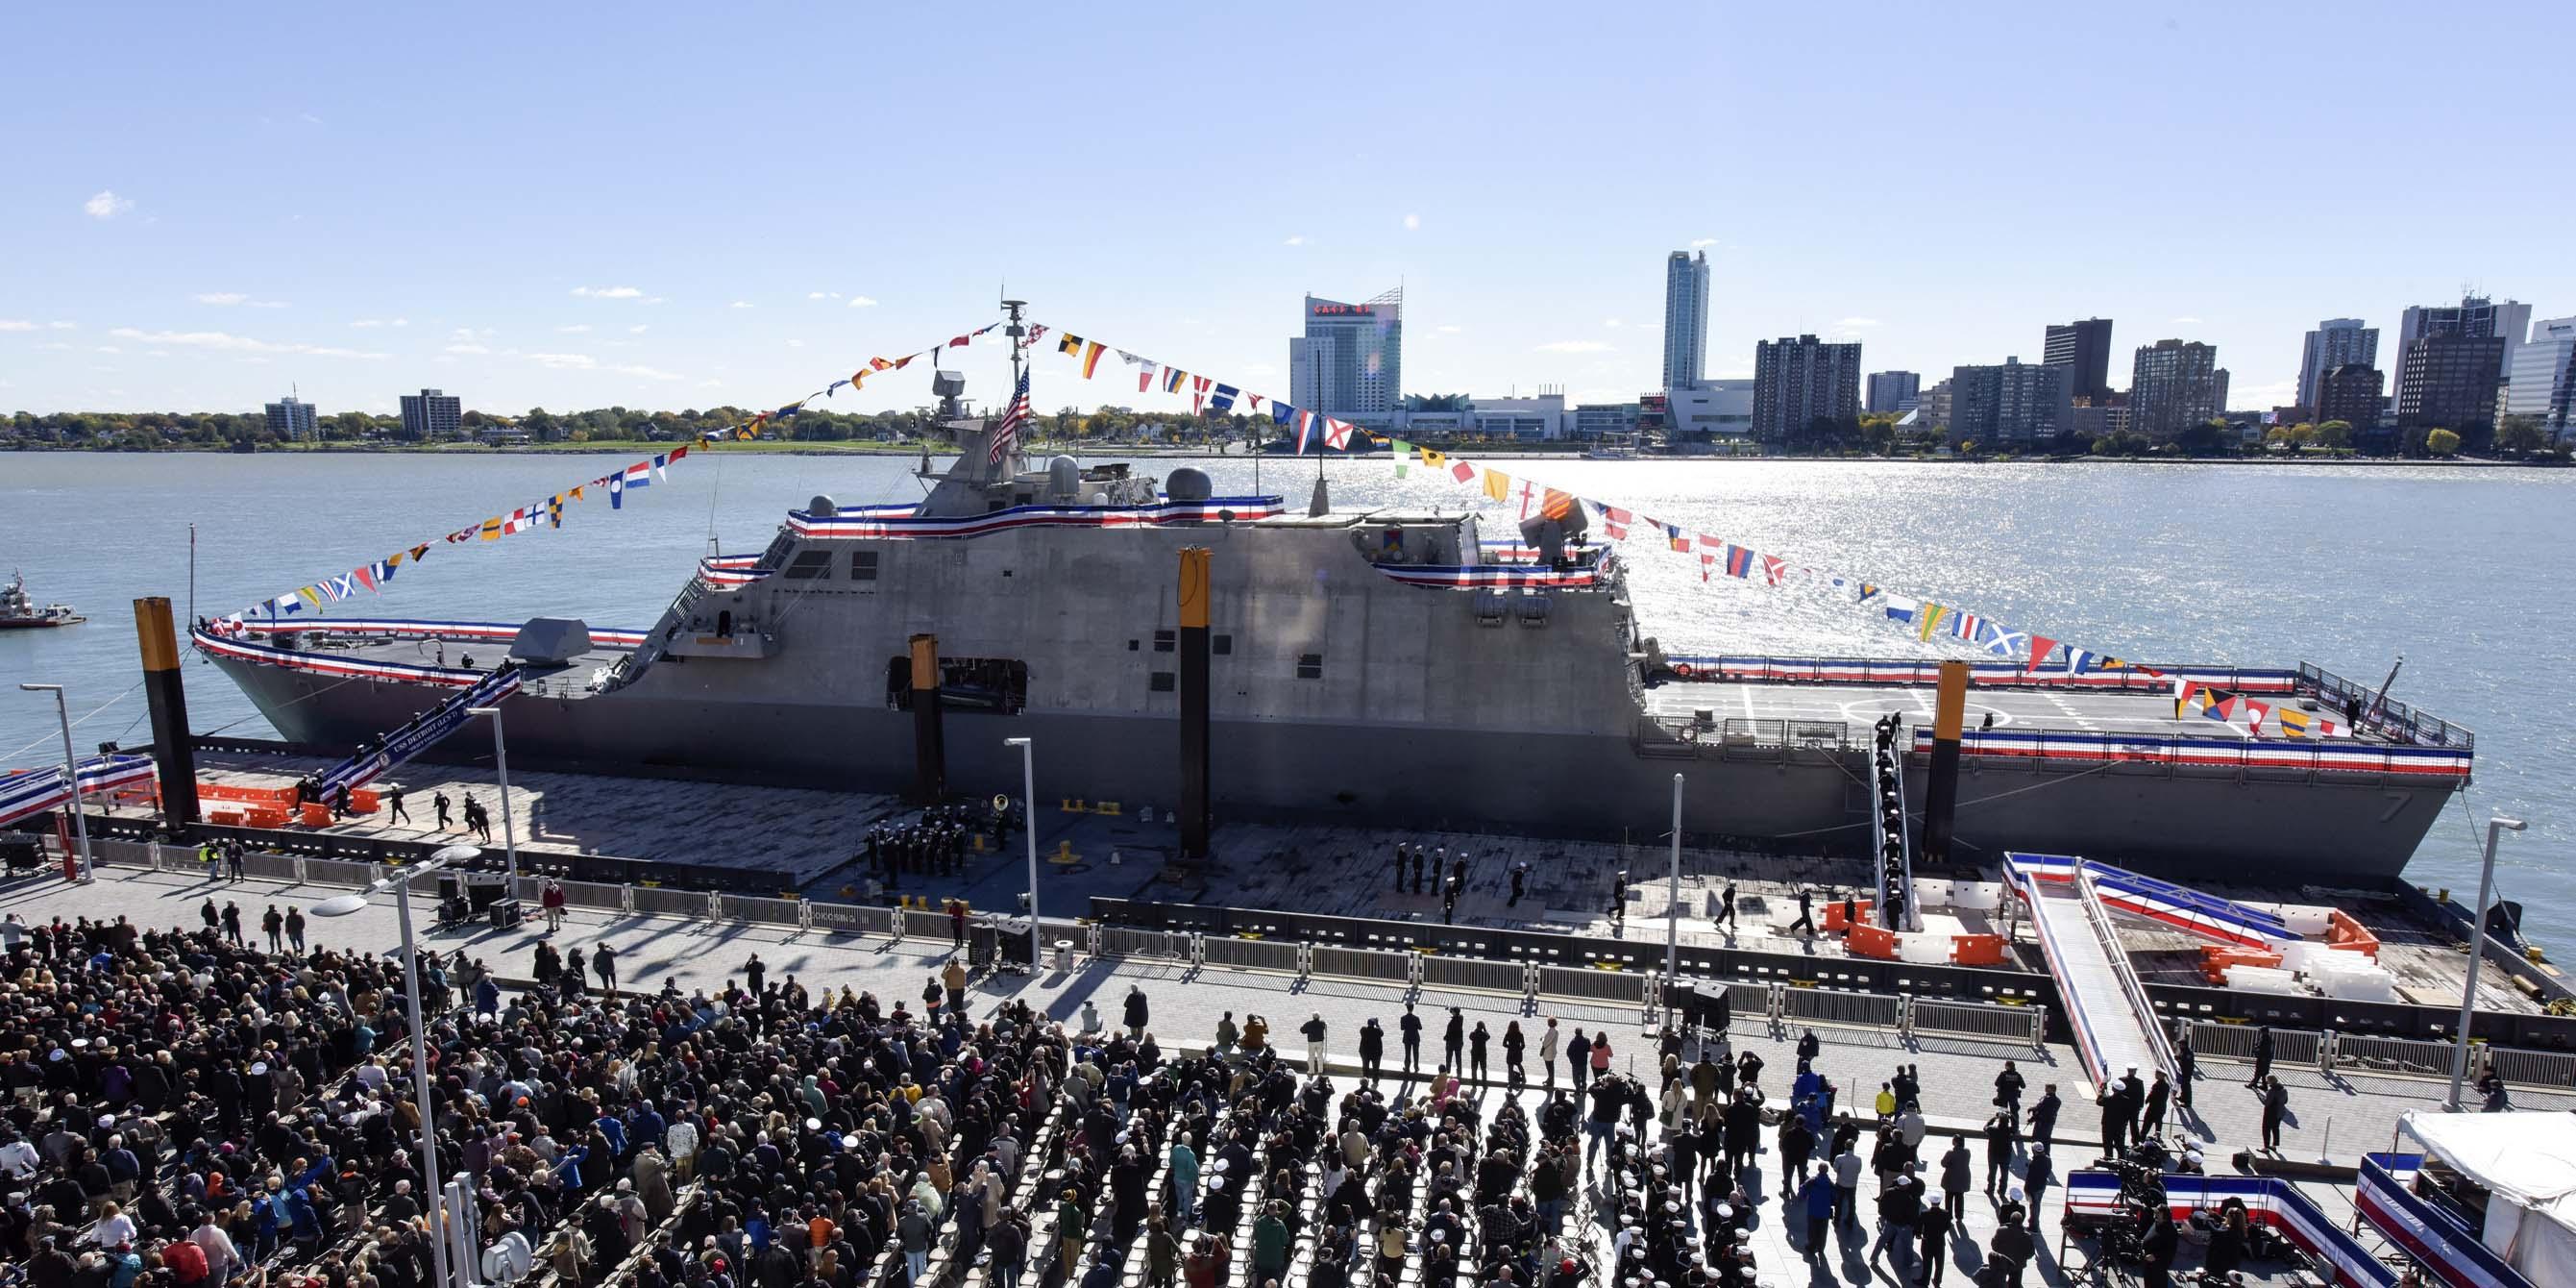 USS DETROIT LCS-7 Indienststellung Bild: U.S. Navy